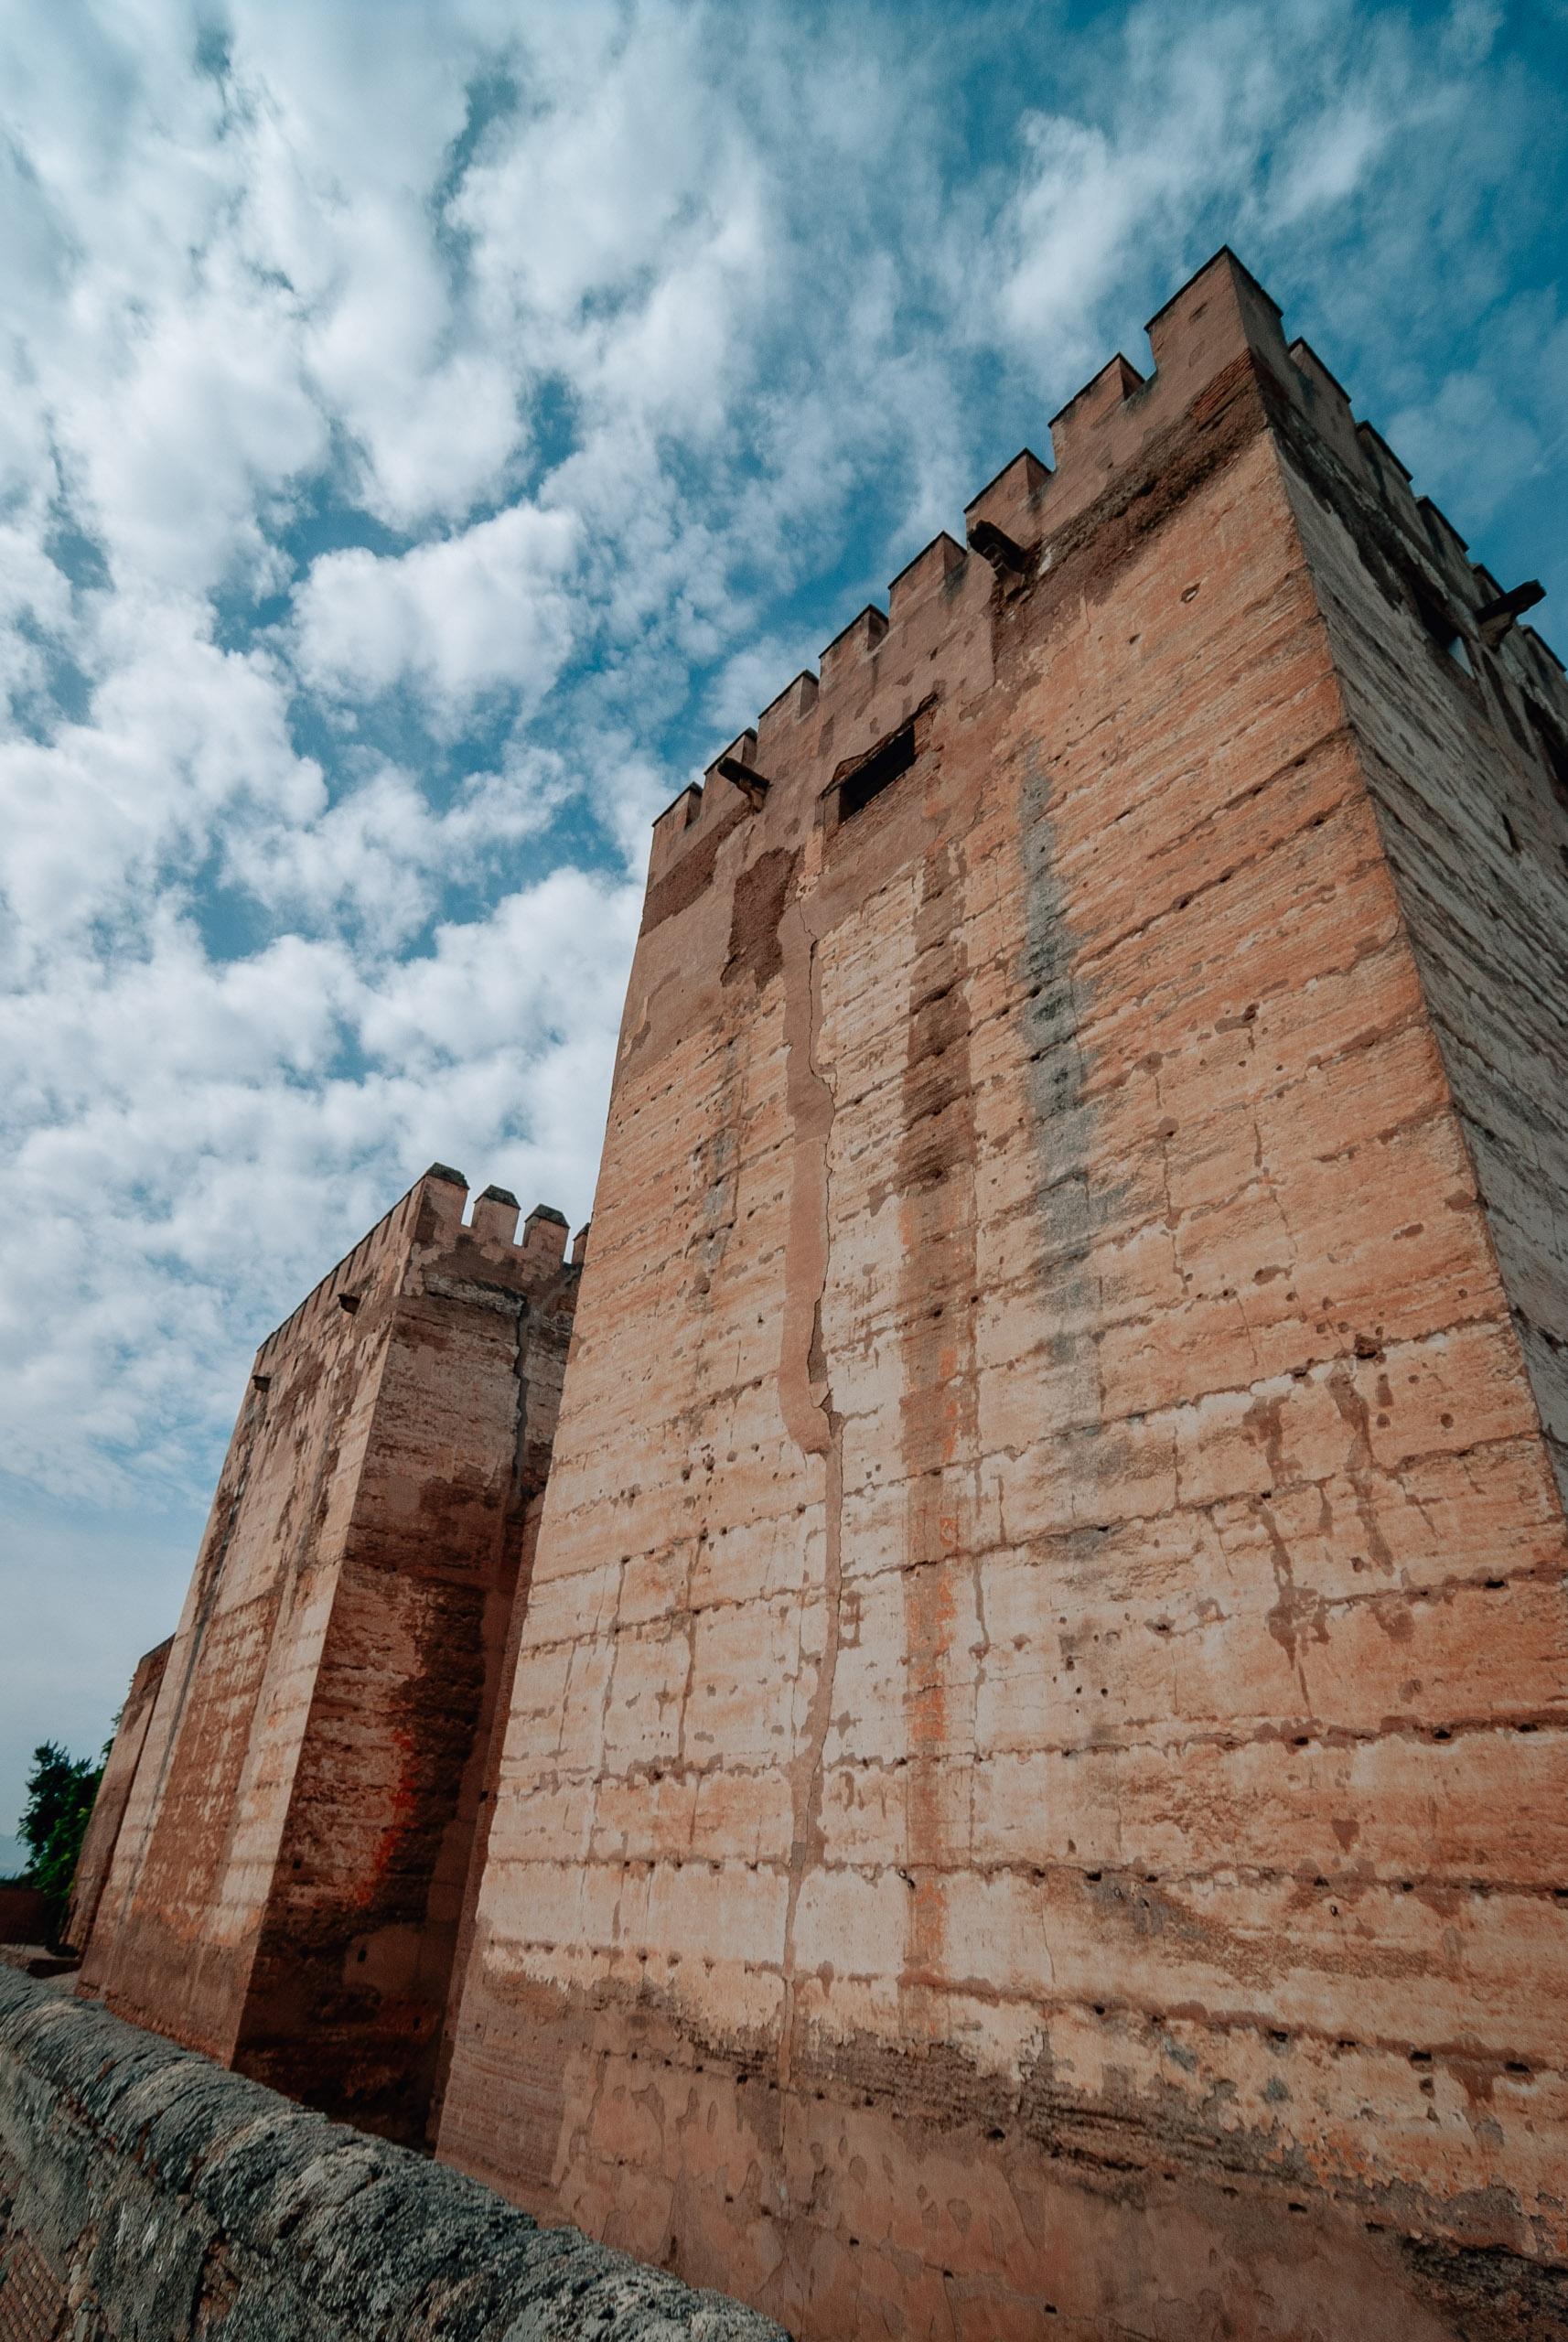 Spain - The Alhambra - 2008-0830-DSC_0177_17869